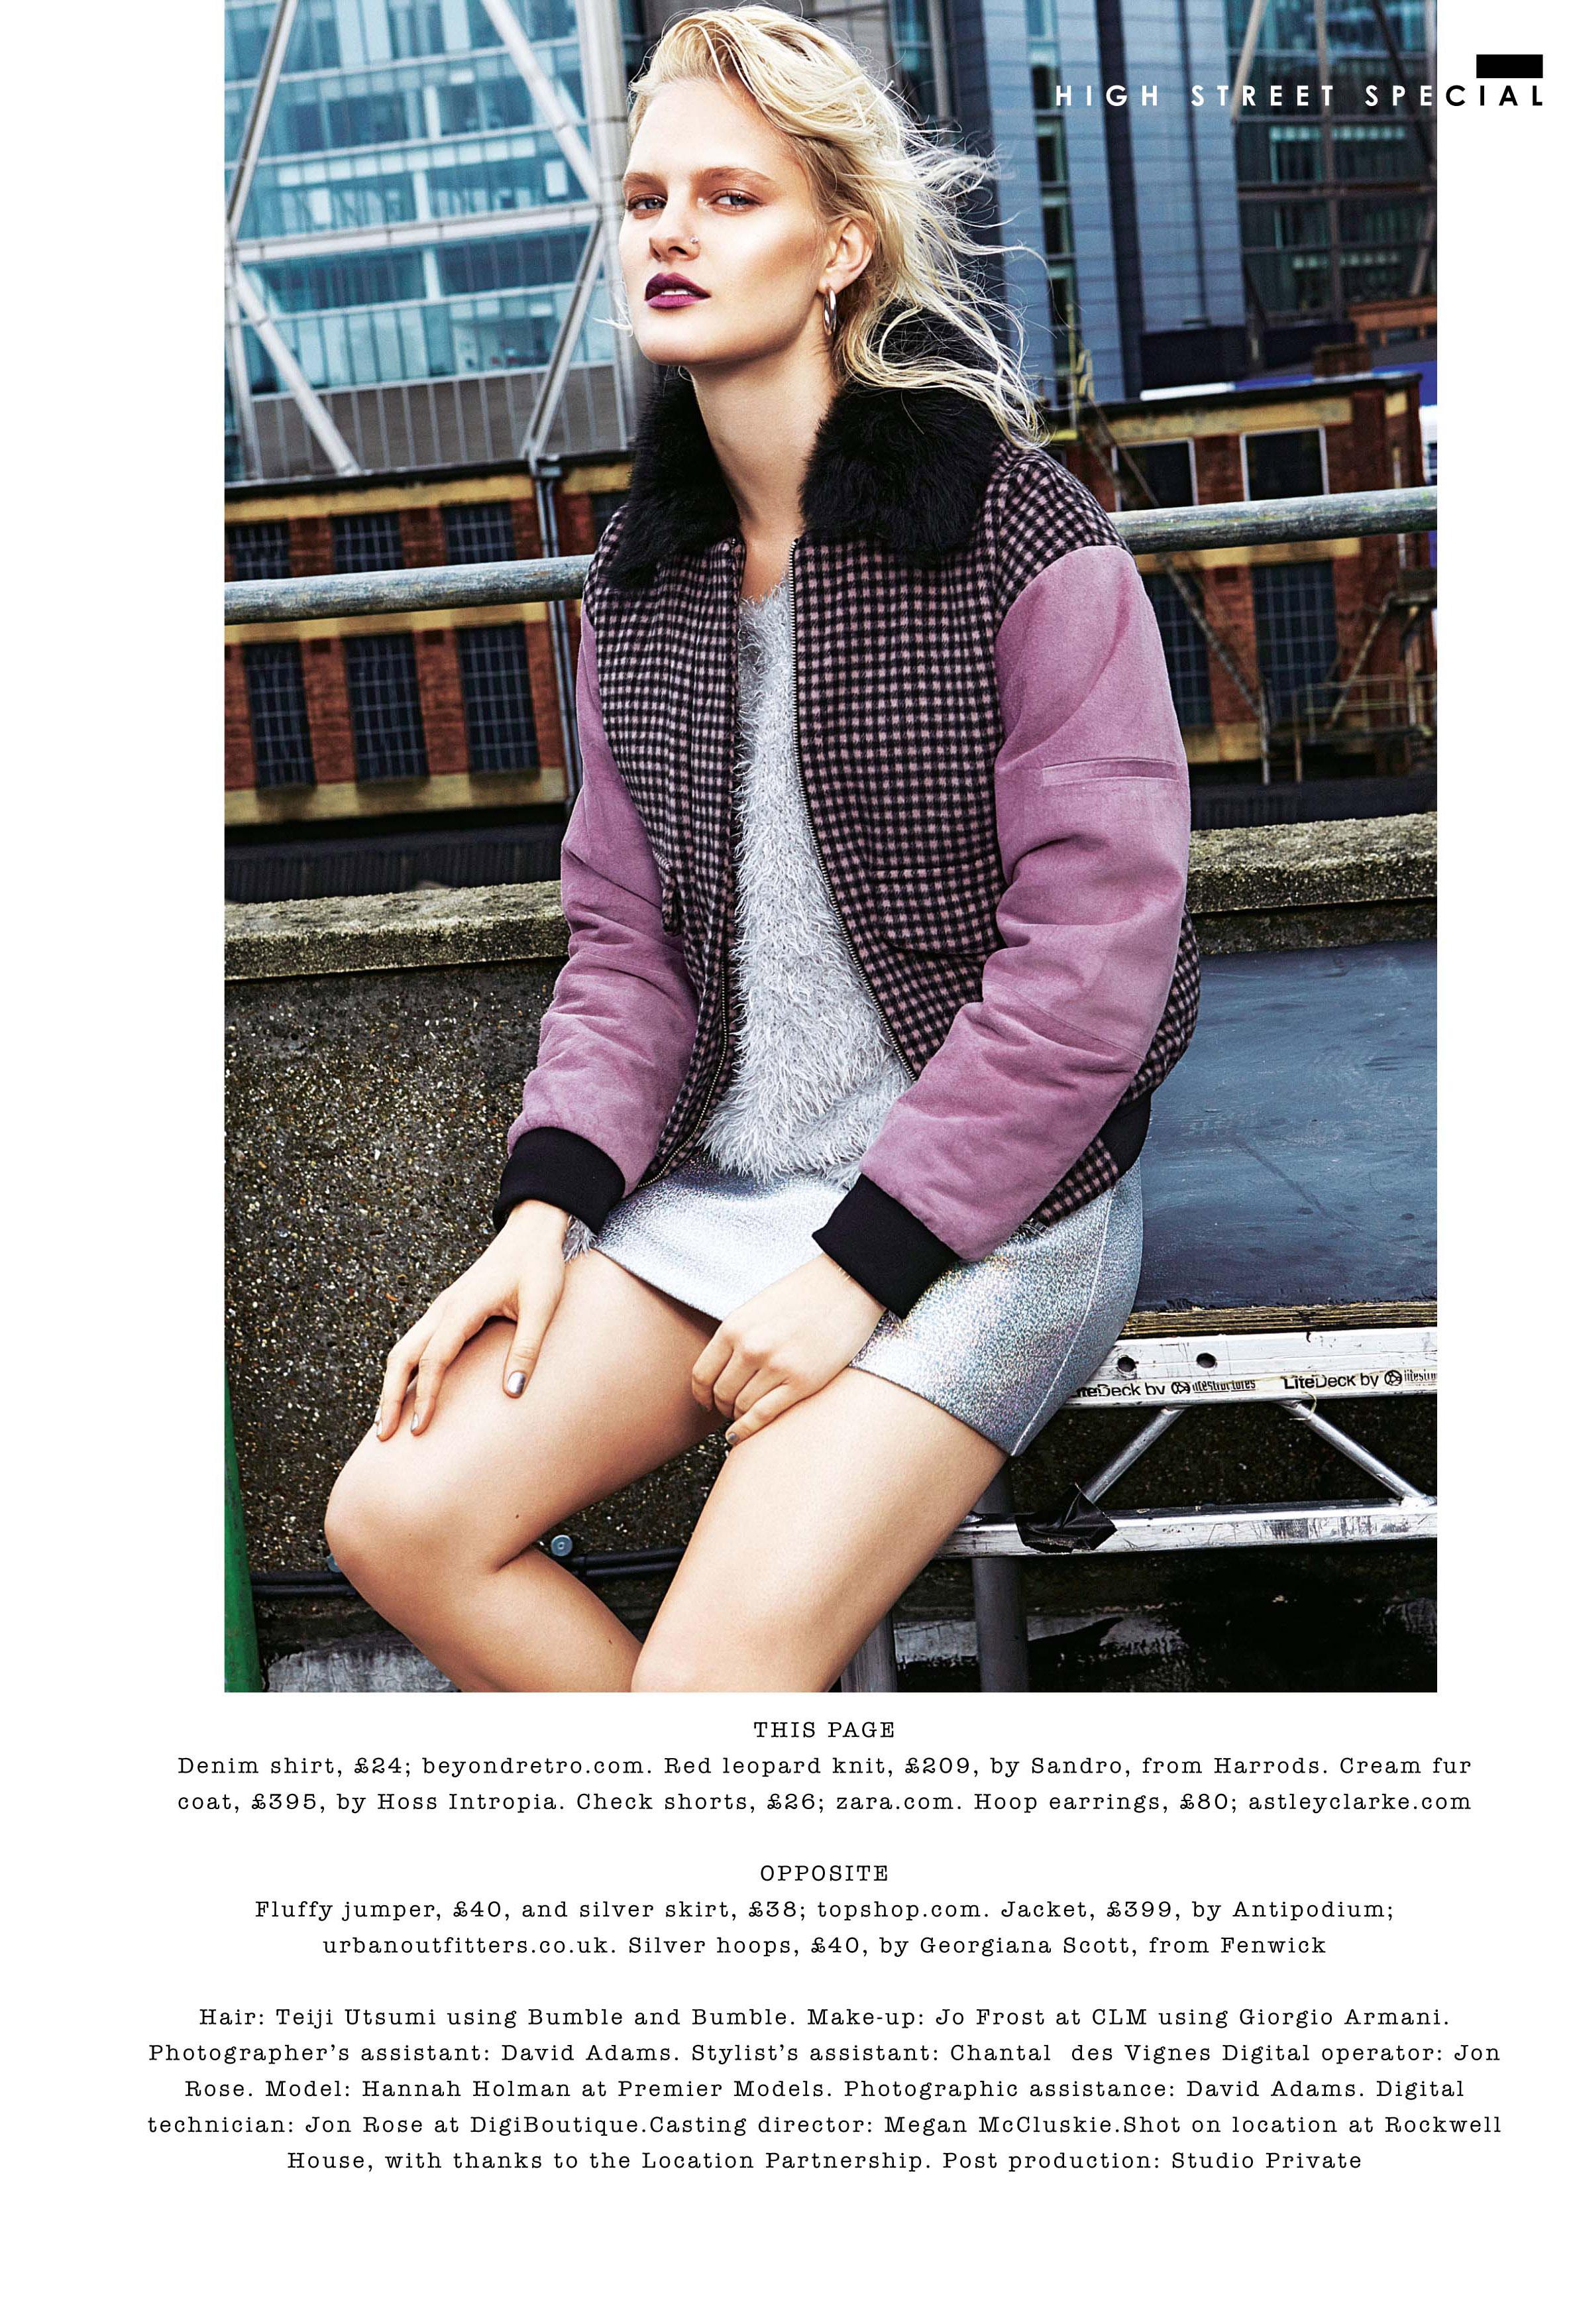 Hannah Holman Sunday Times Style By Haifa Wohlers Olsen